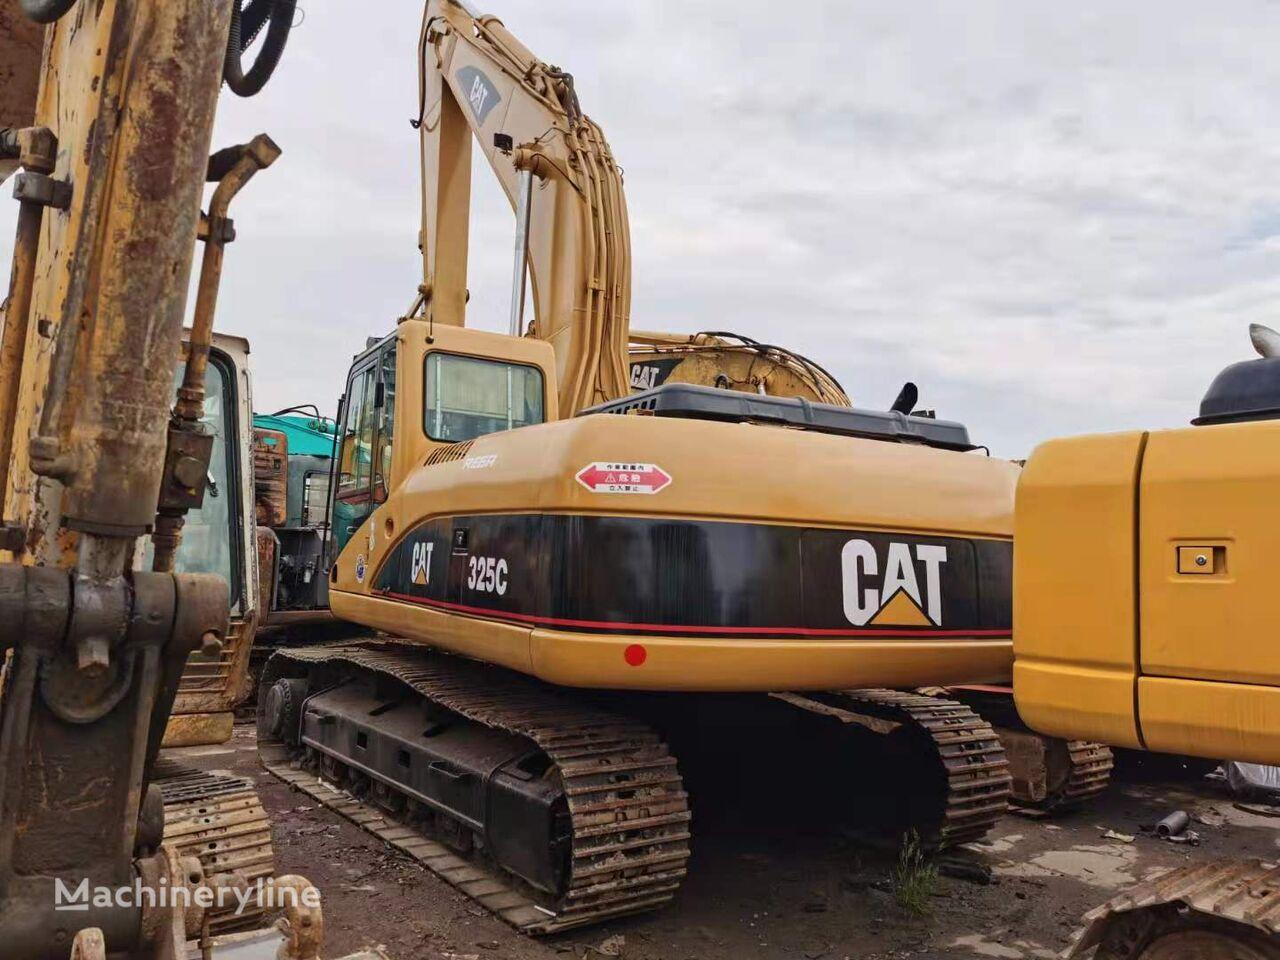 pelle sur chenilles CATERPILLAR 325C original Japan excavator good air conditioner cat engine